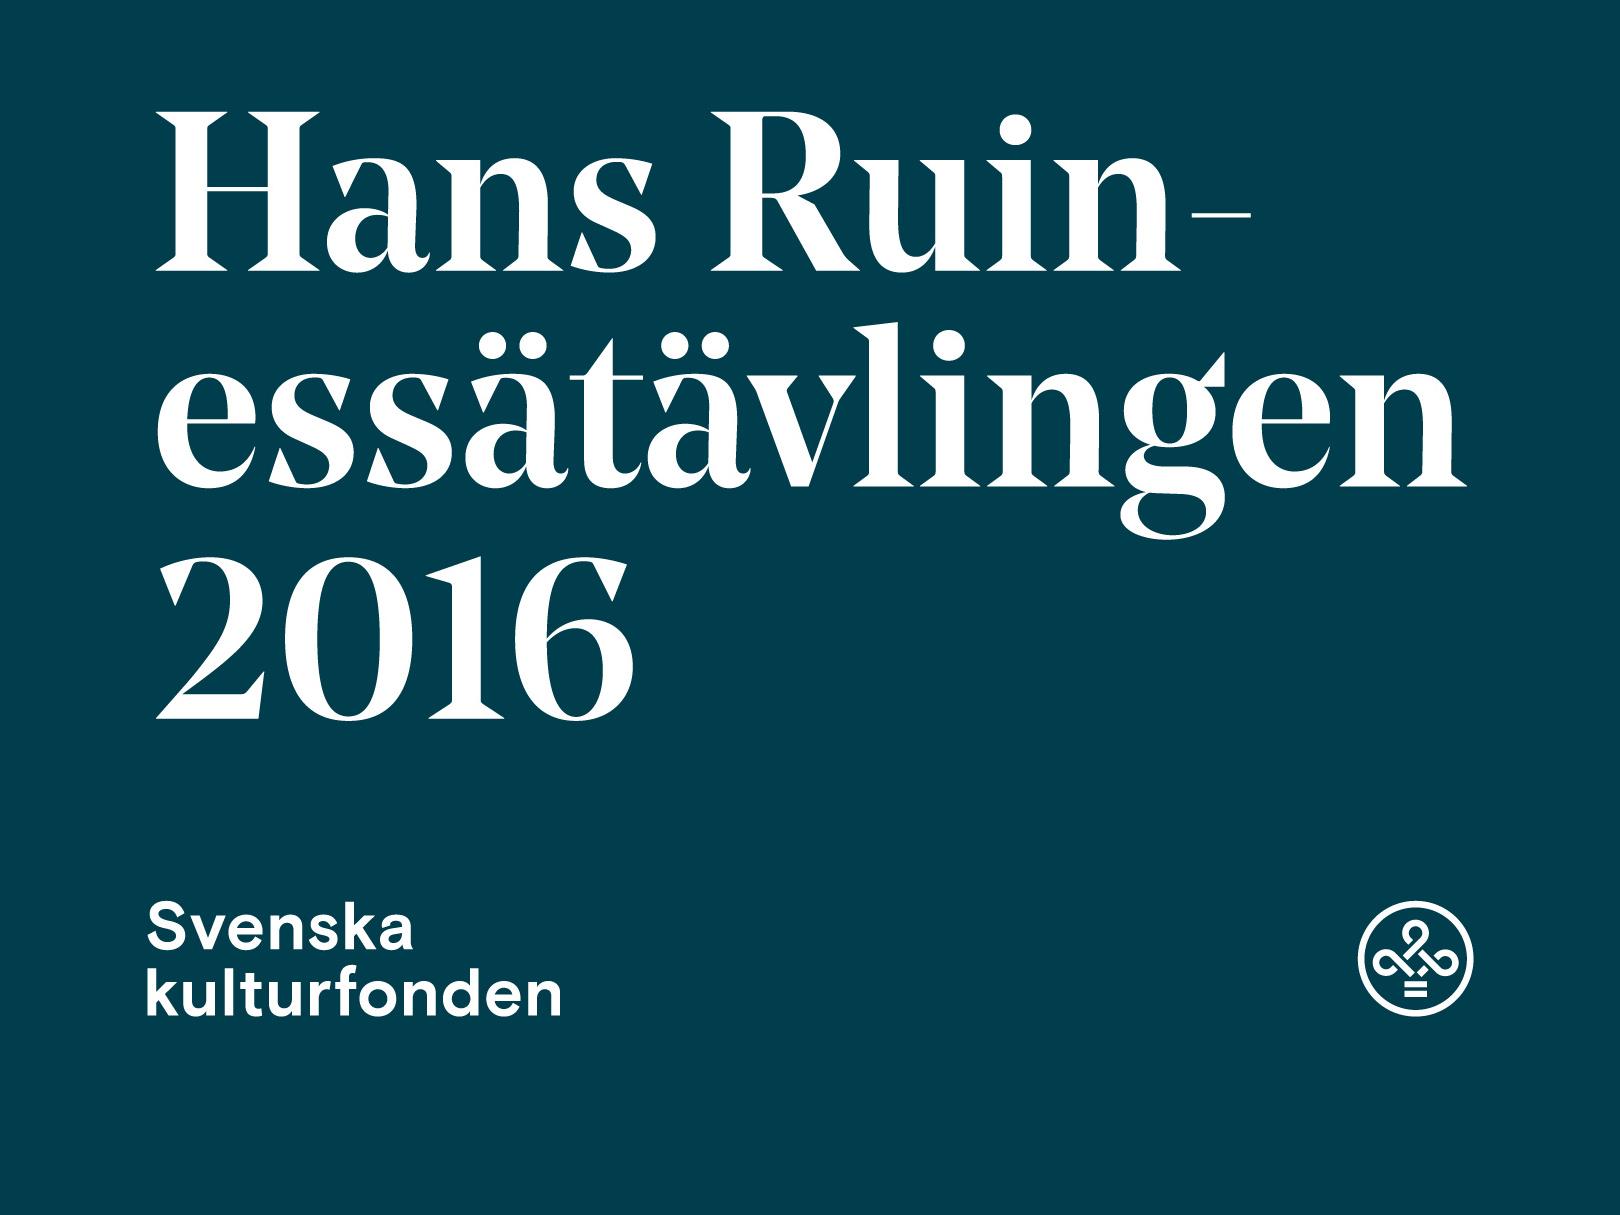 hans-ruin_tavlingen_flyer_A5_2-1